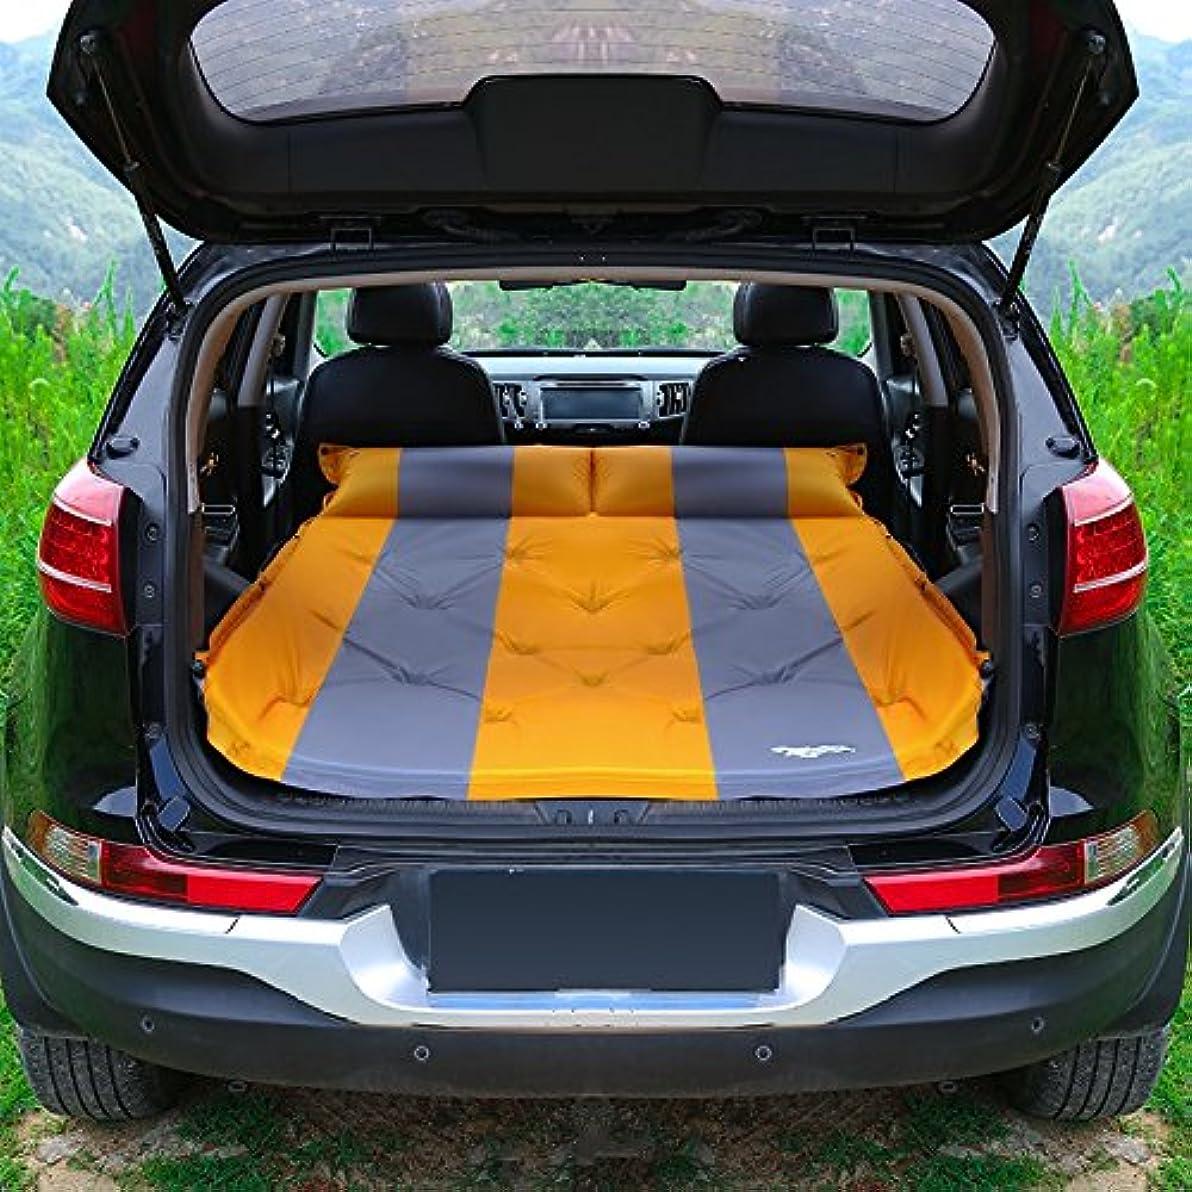 に向けて出発慣性メンタルGYP 車インフレータブルマットレスビジネスカークレートエアクッショントラベルベッドシーツダブルカースリーピングパッドカーシートベッドアウトドアキャンプカーベッド ( 色 : イエロー いえろ゜ )